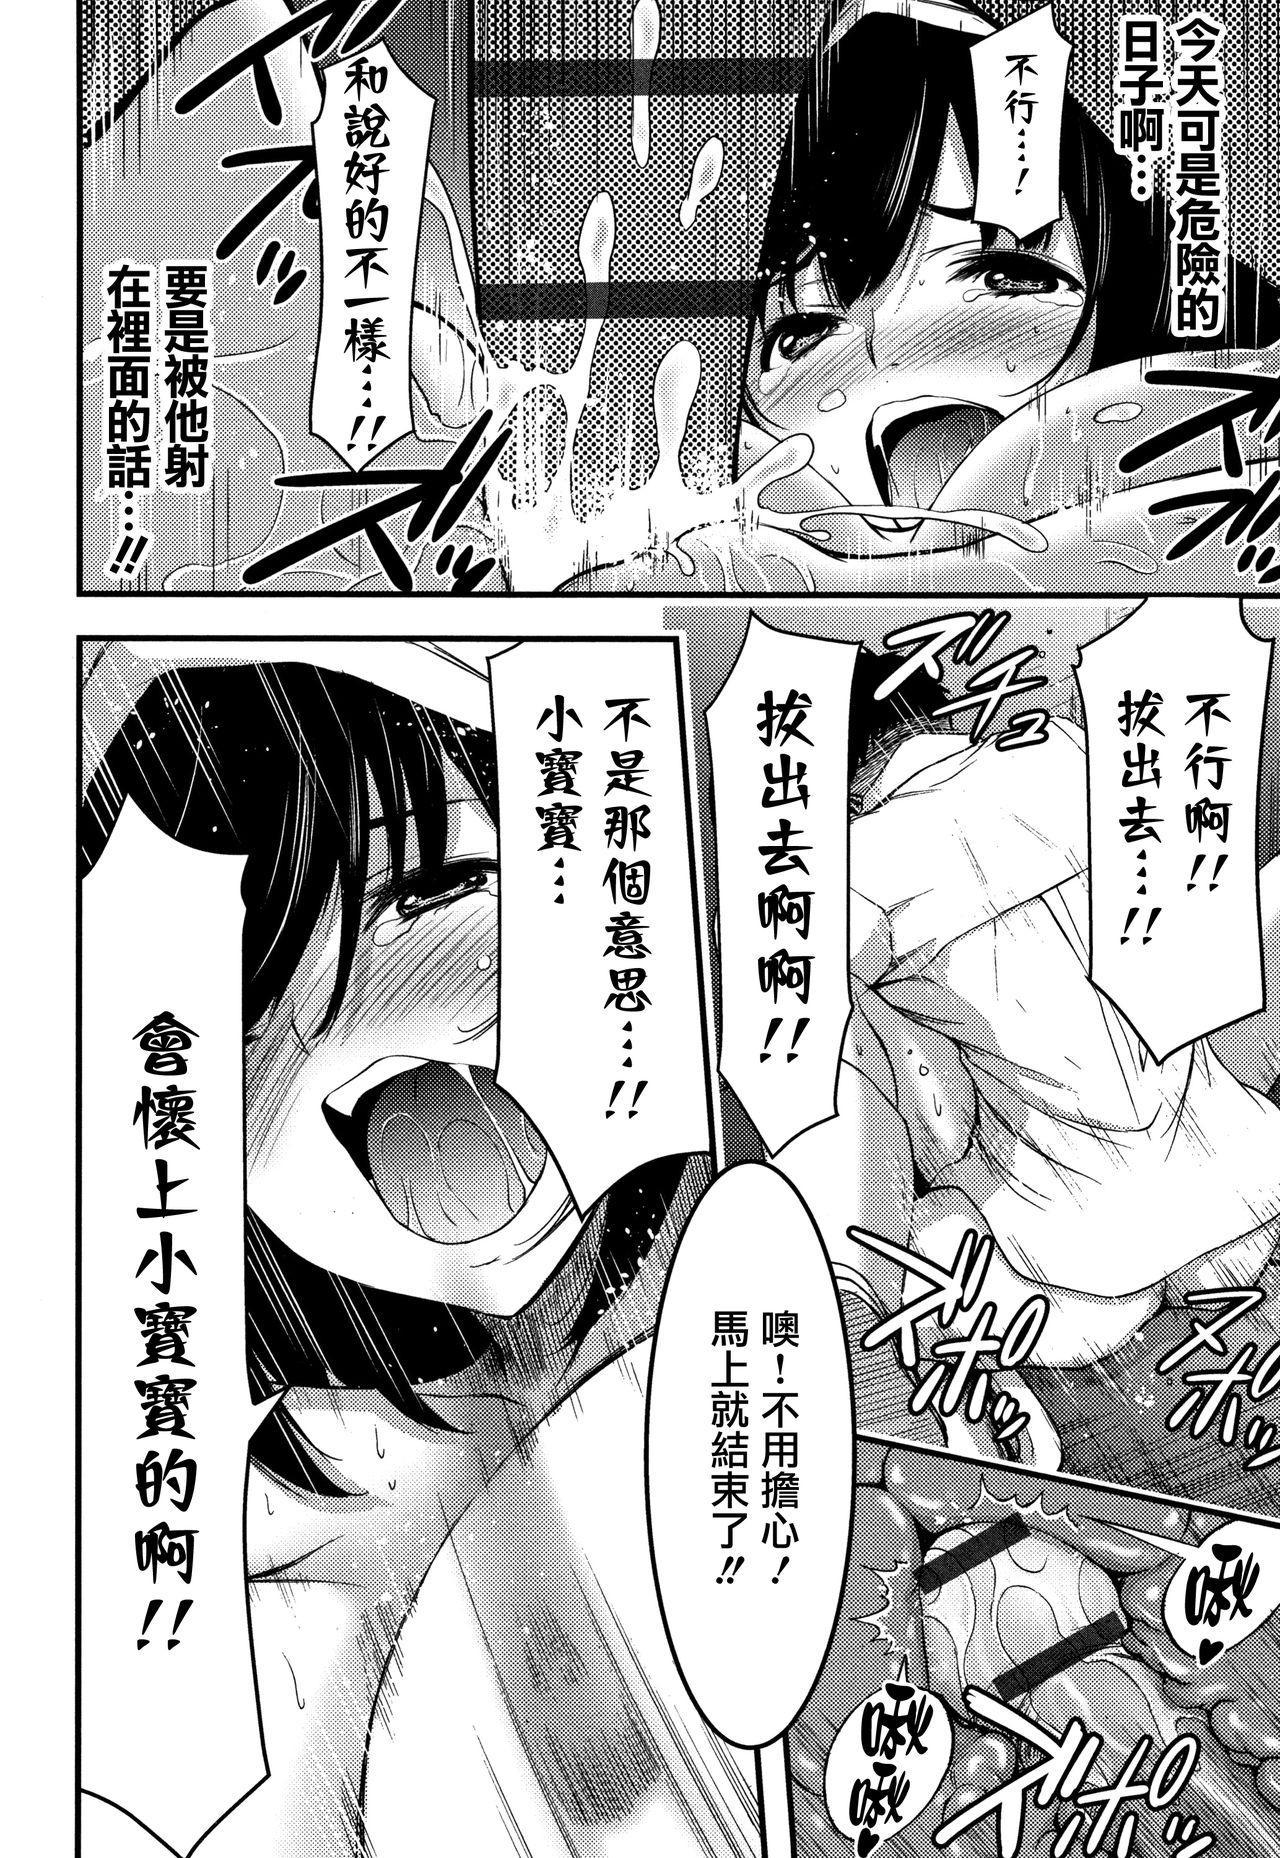 Nichijou Bitch Seitai Kansatsu 190